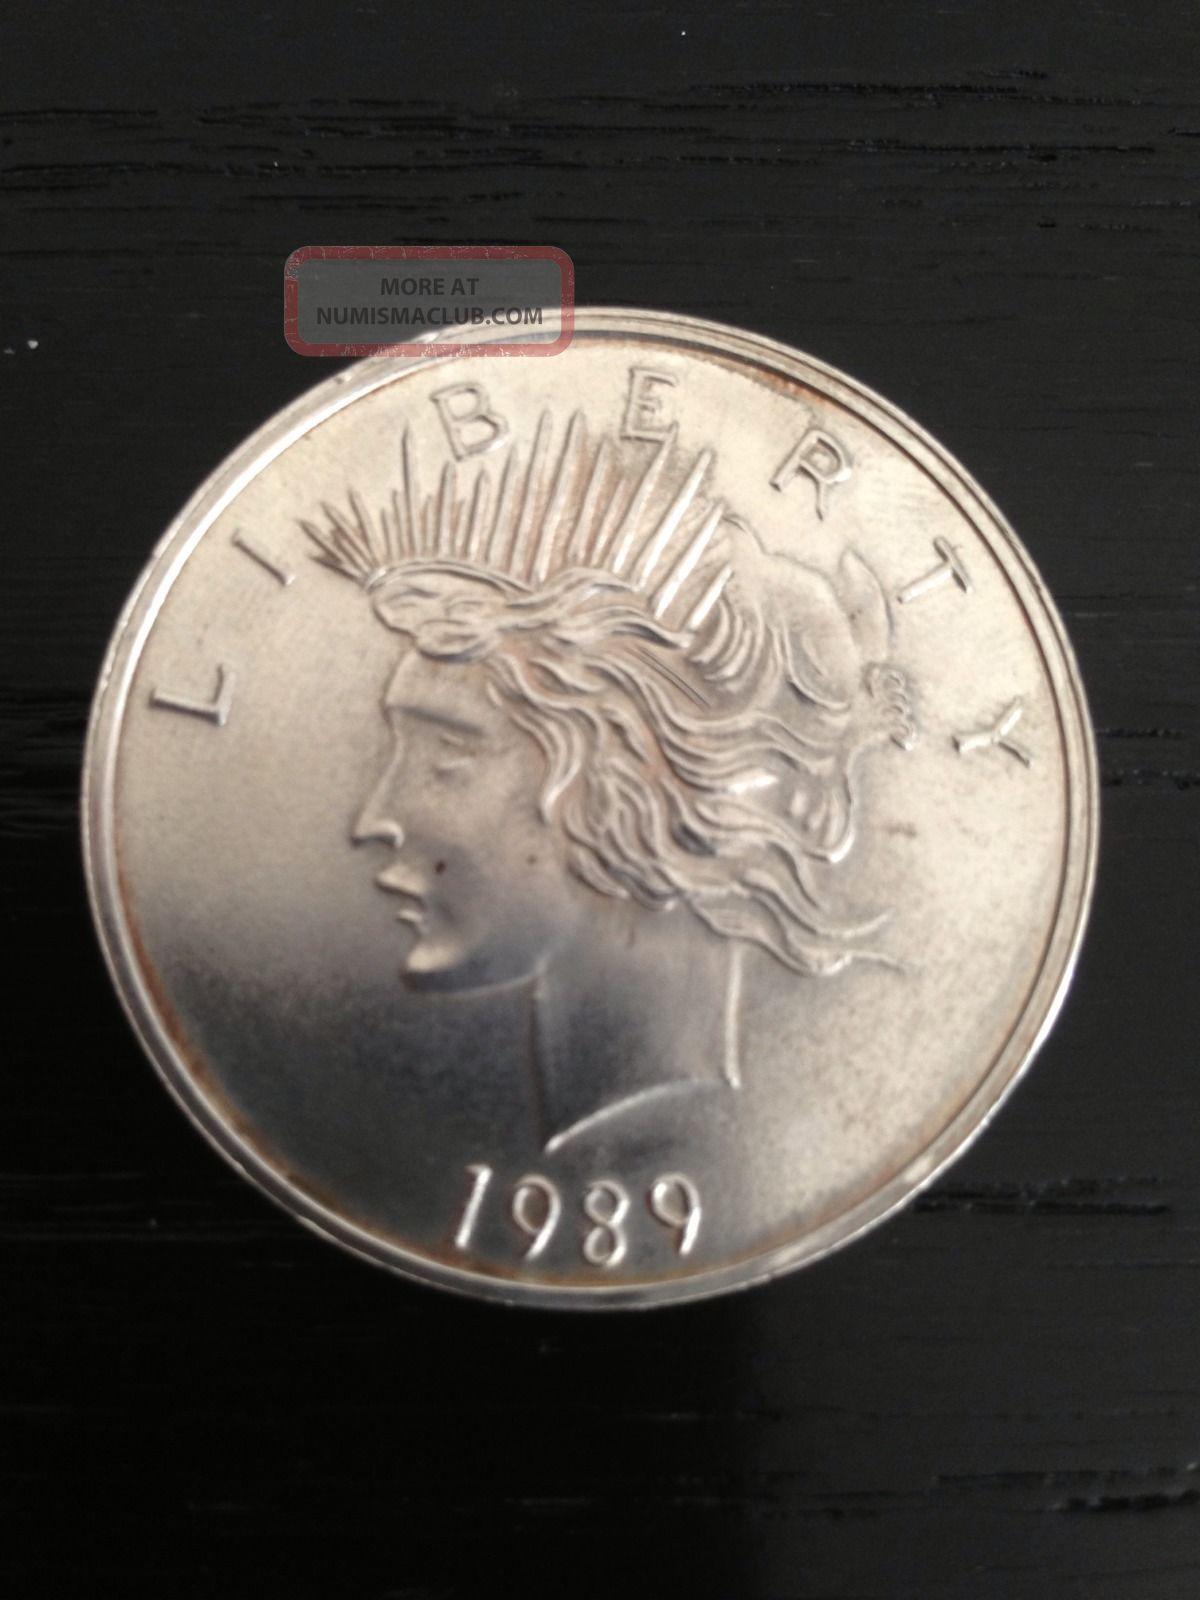 1989 Us Silver Dollar Coin 999 Fine Silver One Troy Oz